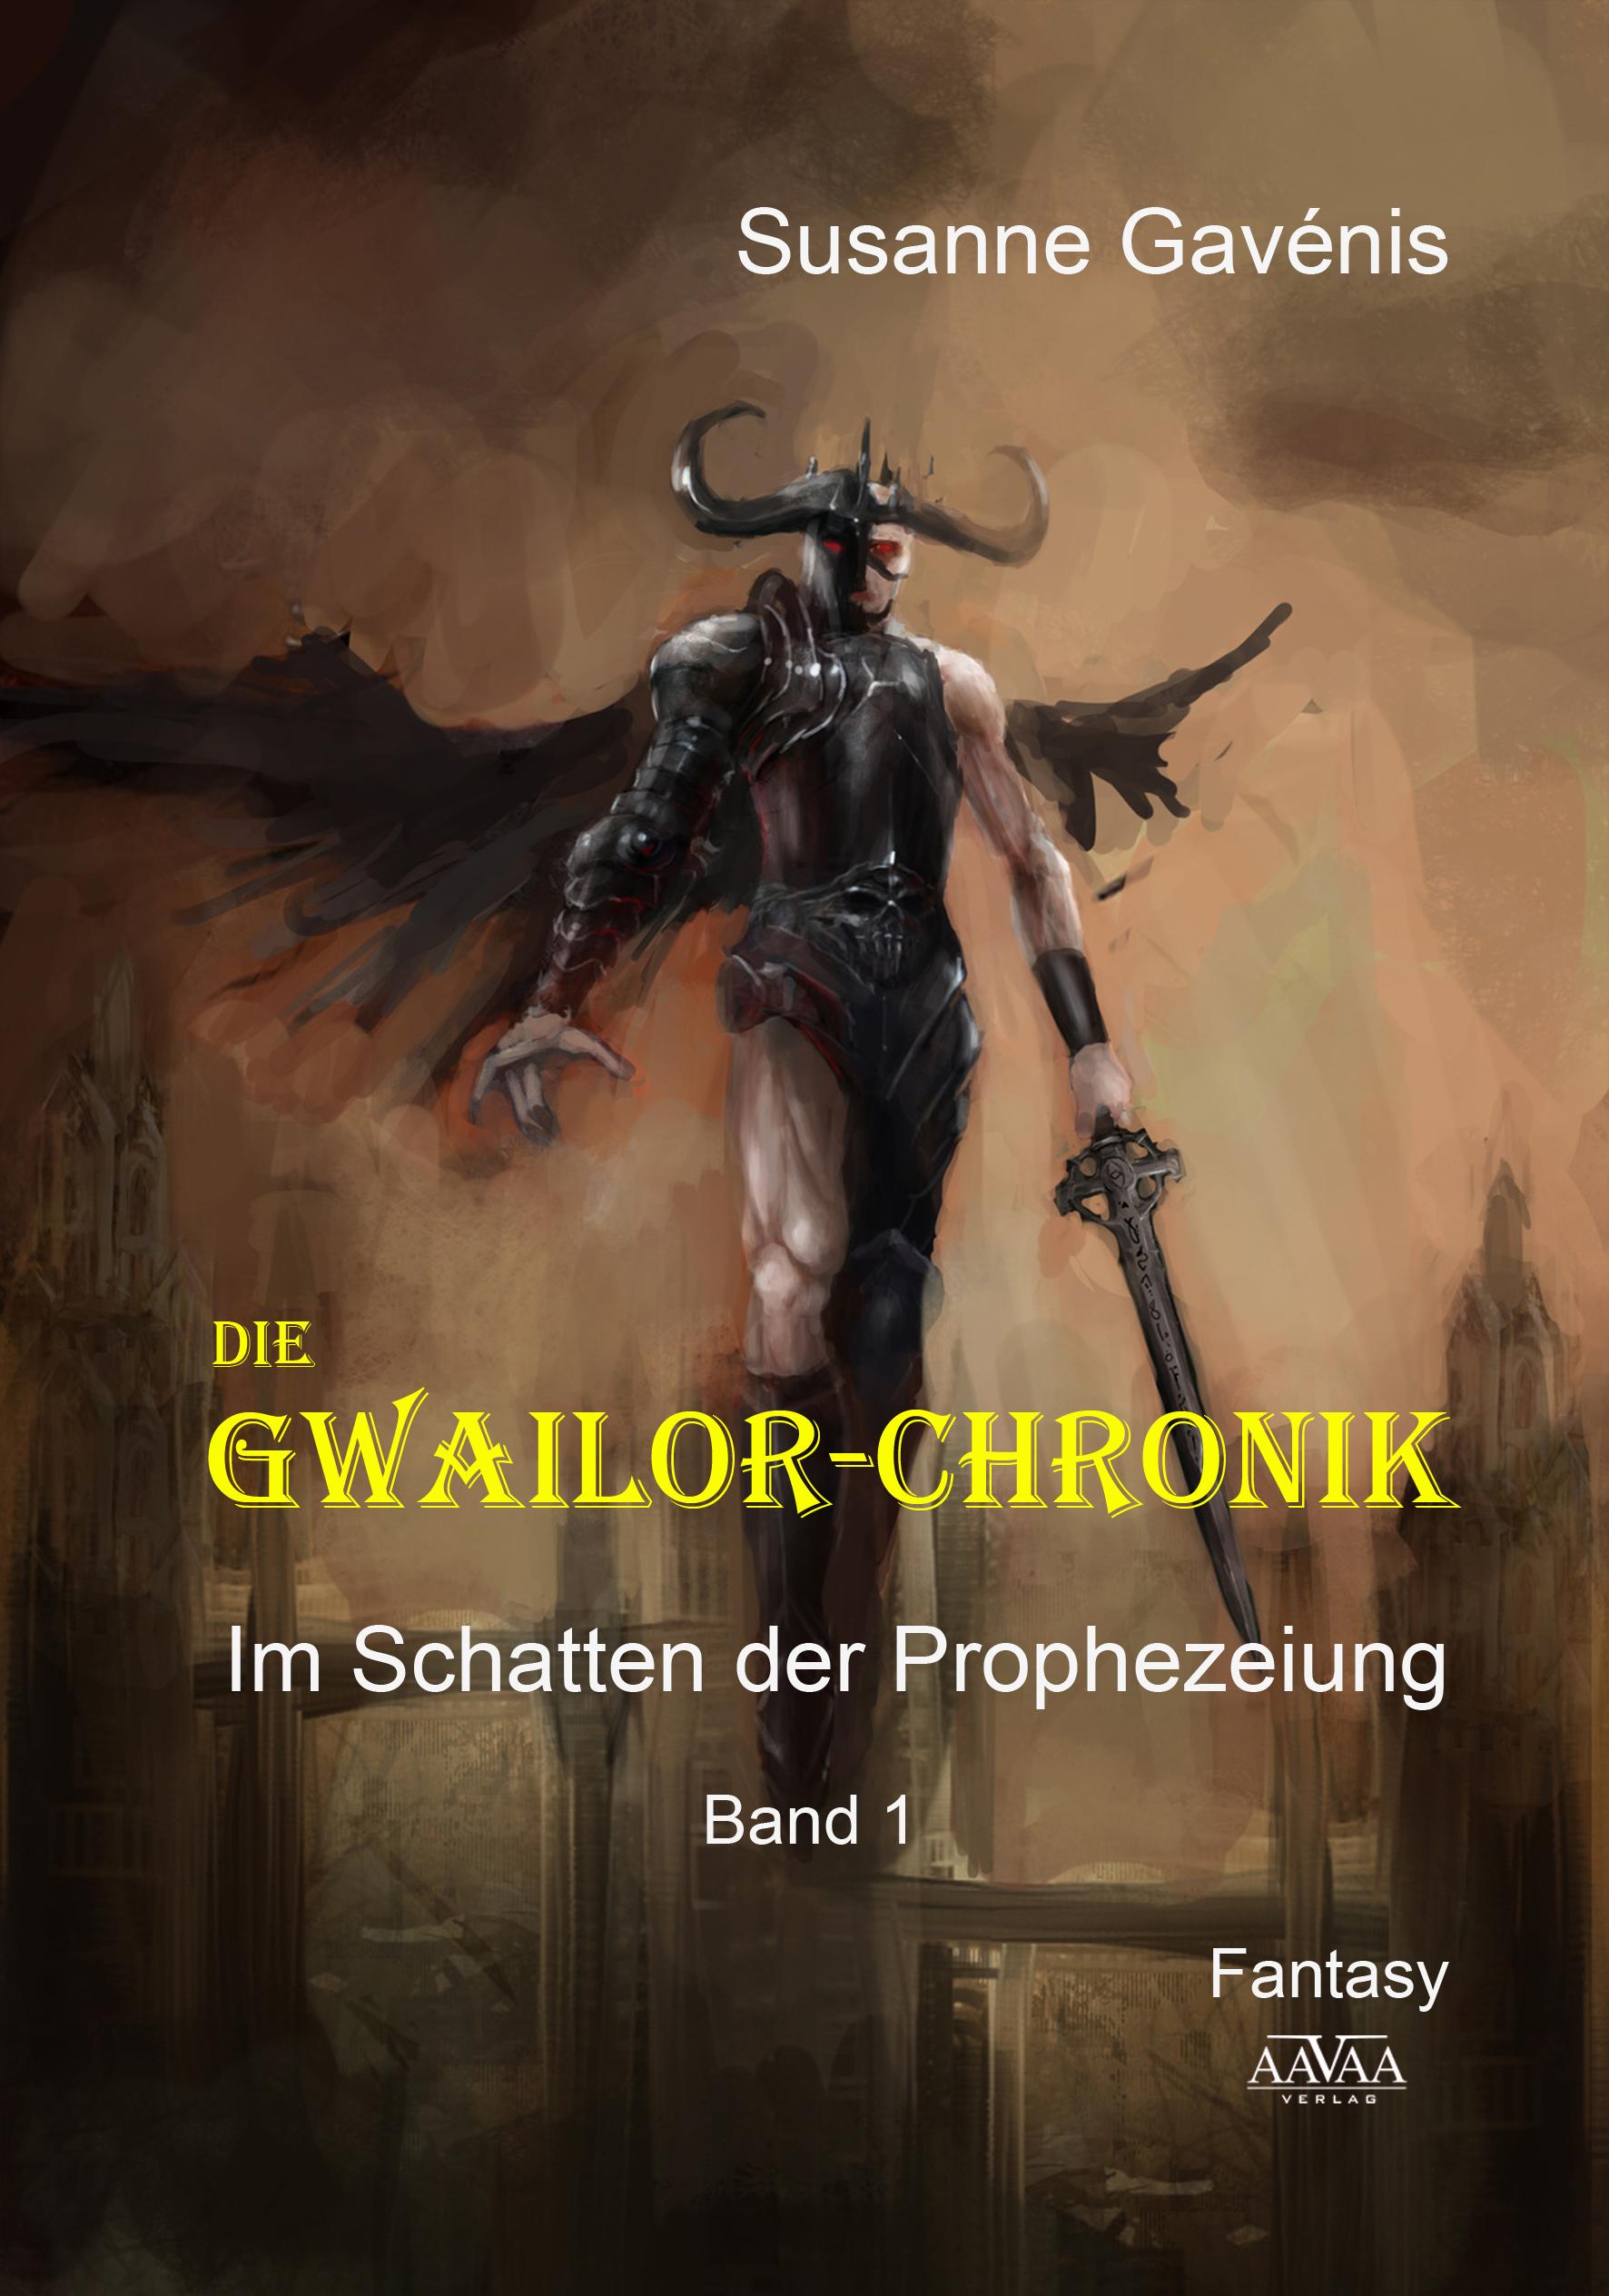 Die Gwailor-Chronik, Susanne Gavenis Die-Gwailor-Chronik-1-cover-VLB